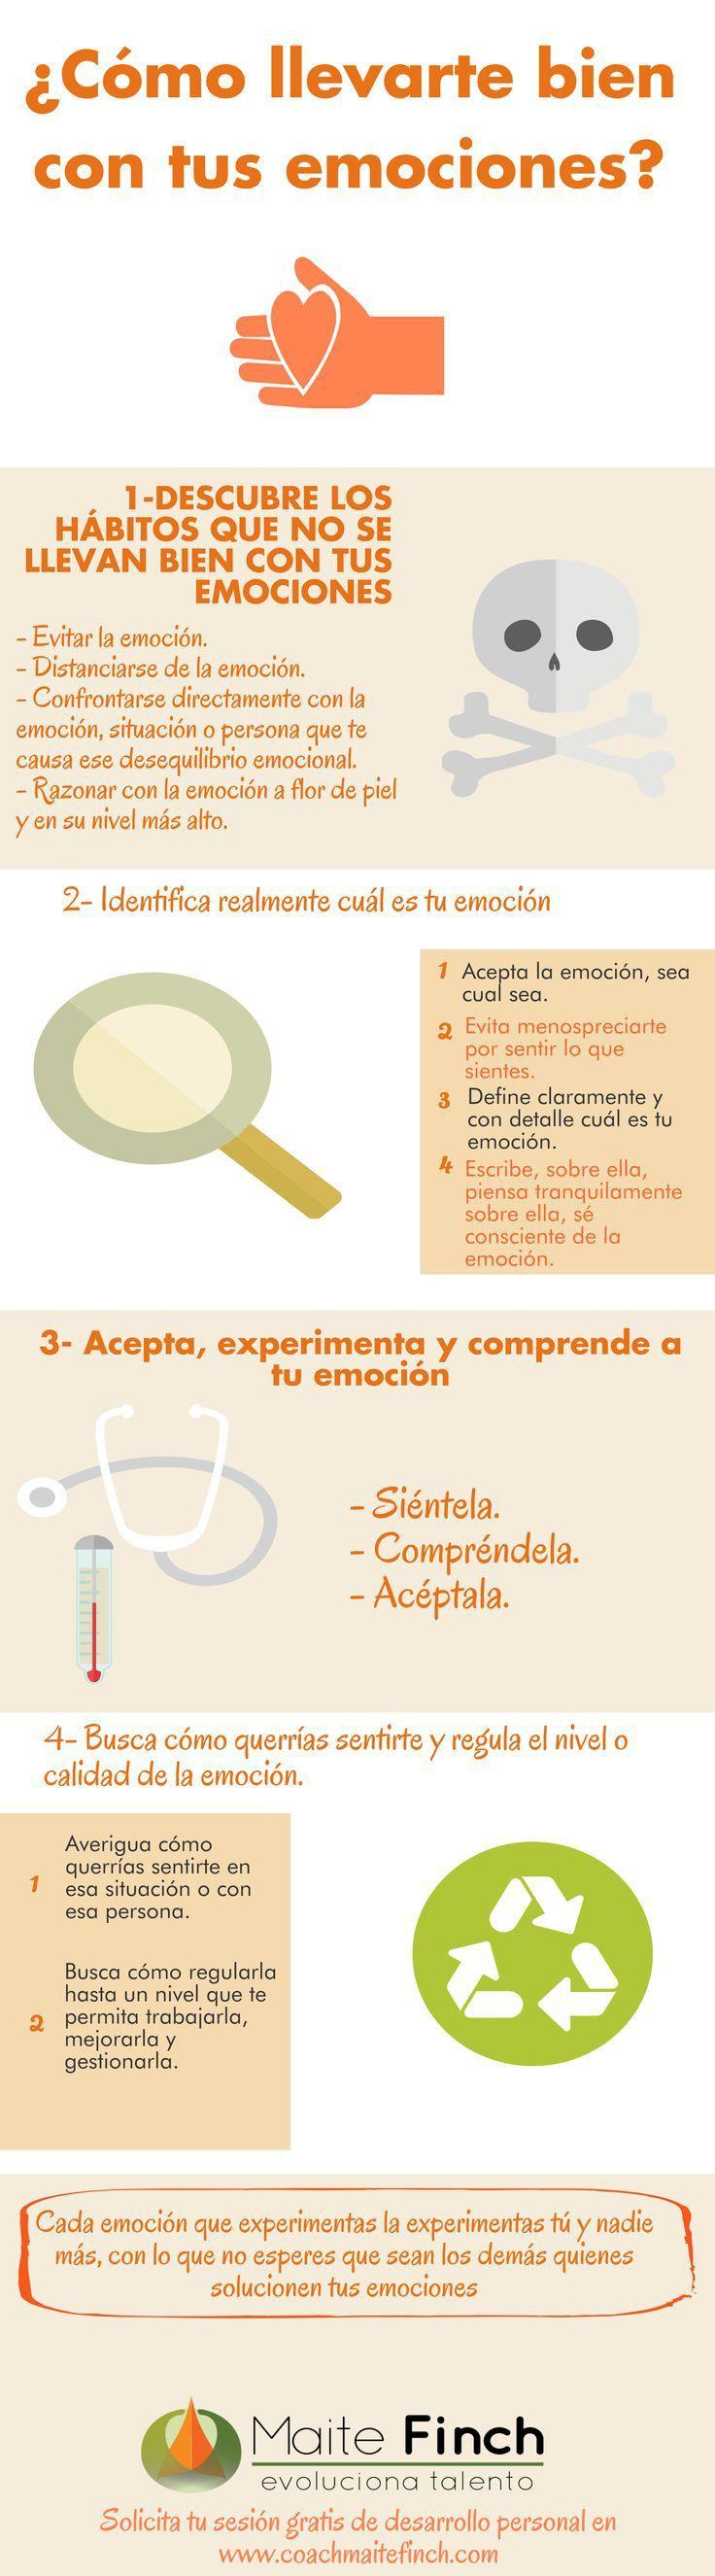 Cómo llevarte bien con tus emociones #infografia #infographic #psychology  Visítanos en  http://psicopedia.org